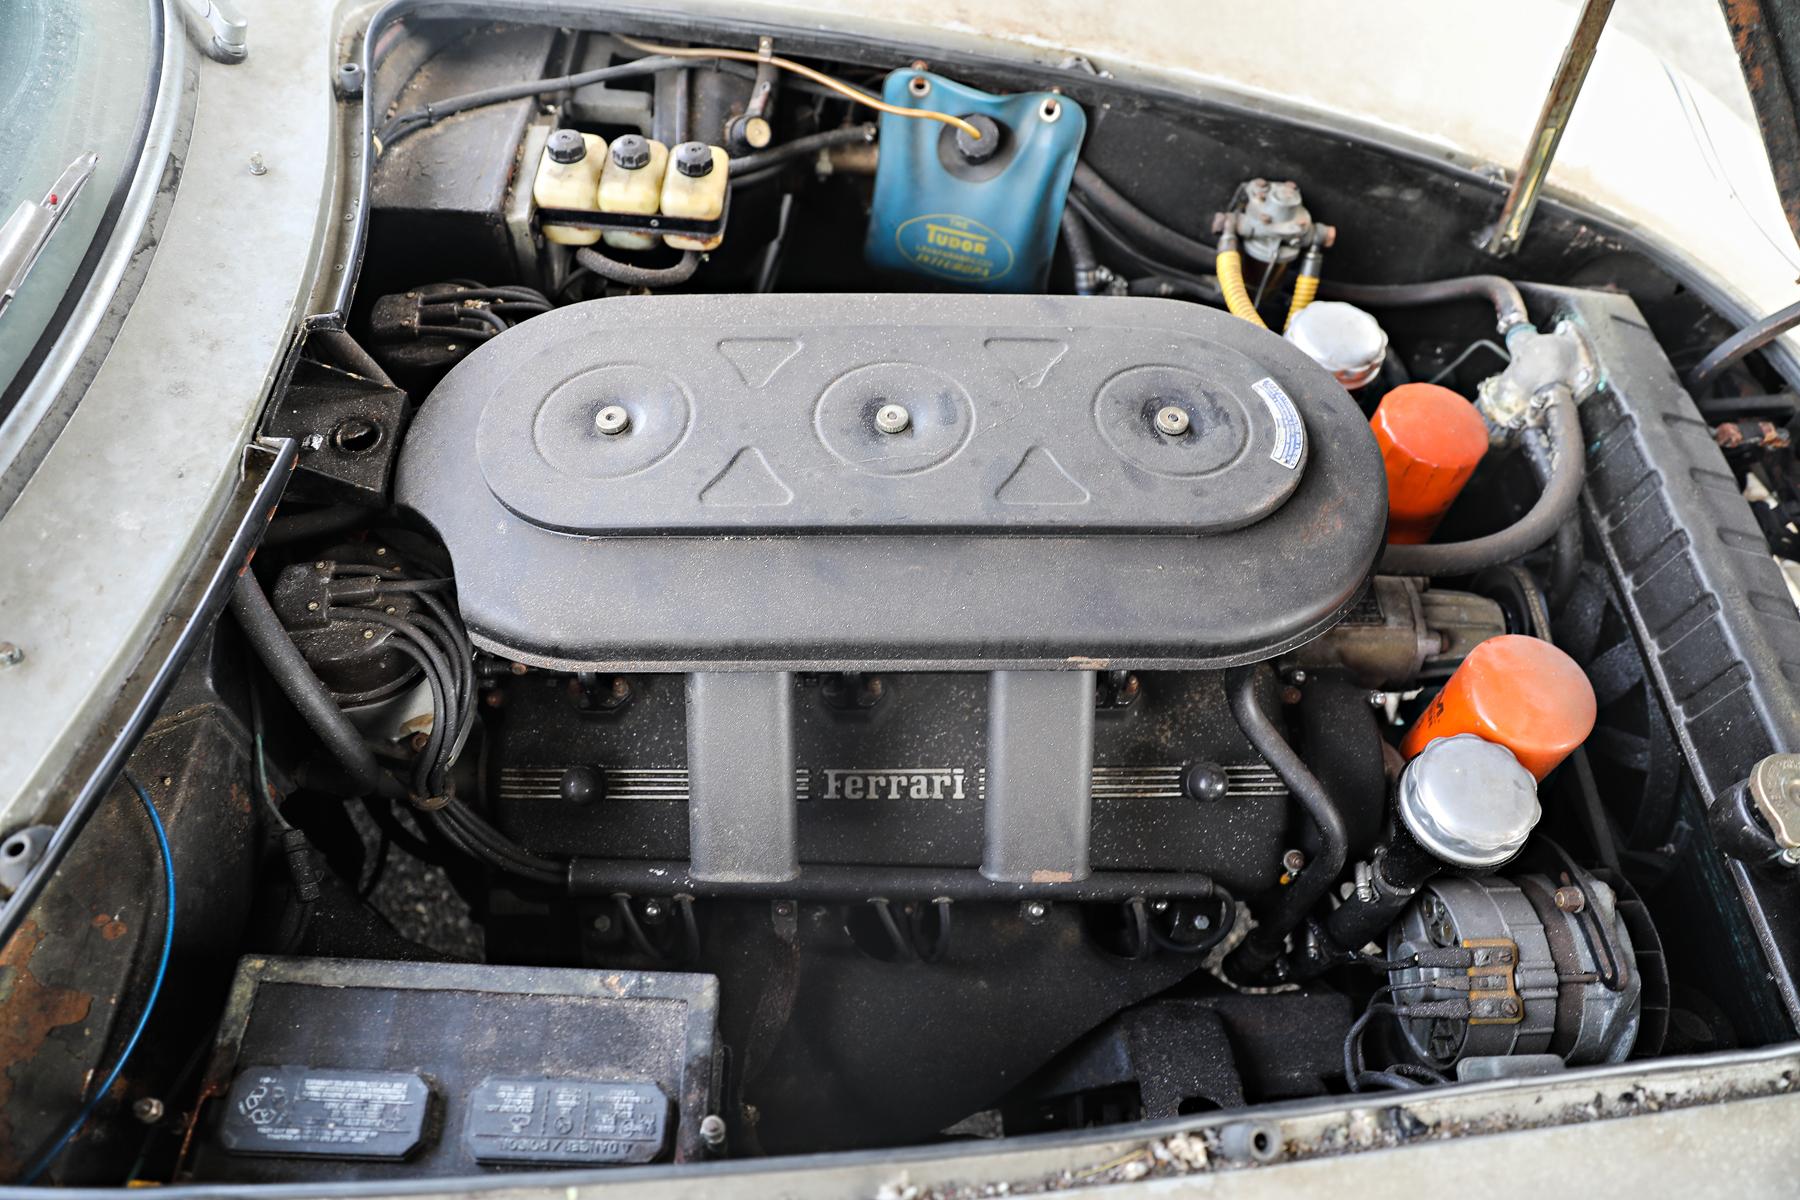 1966 Ferrari 275 GTB/2 Alloy engine